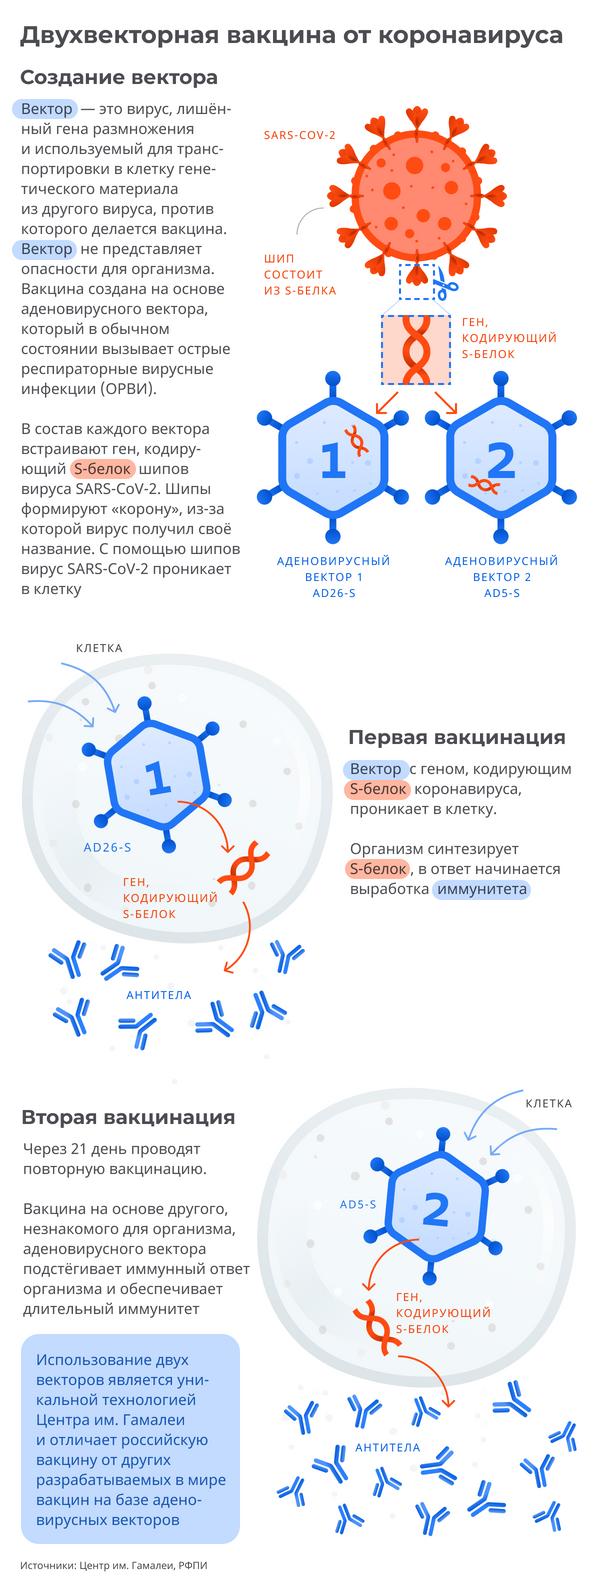 Российская вакцина от коронавируса: как работает препарат - Sputnik Грузия